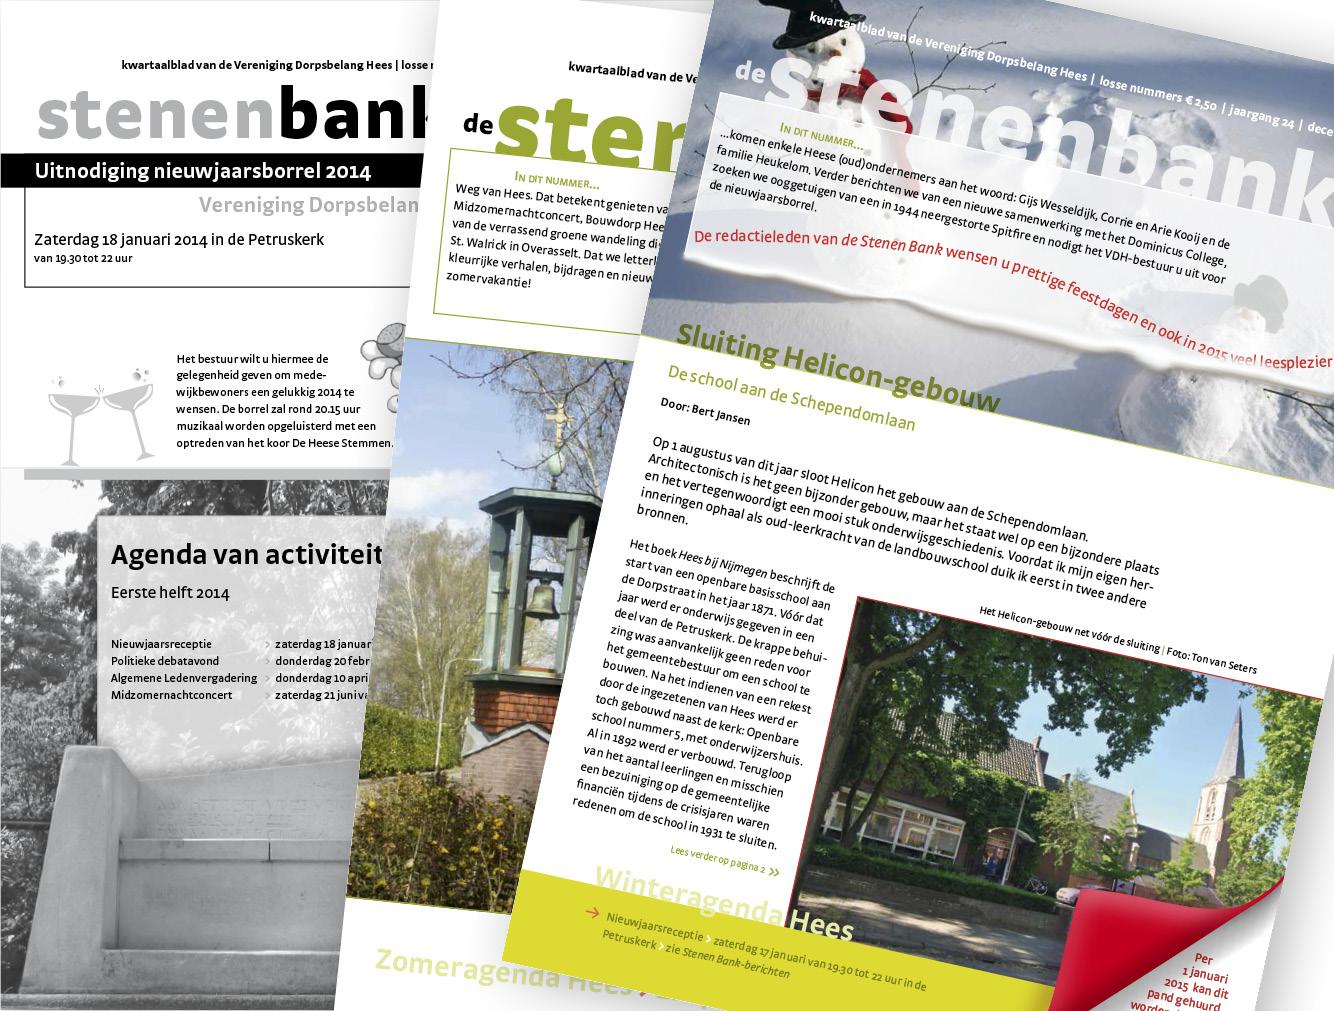 2009-StenenBank1